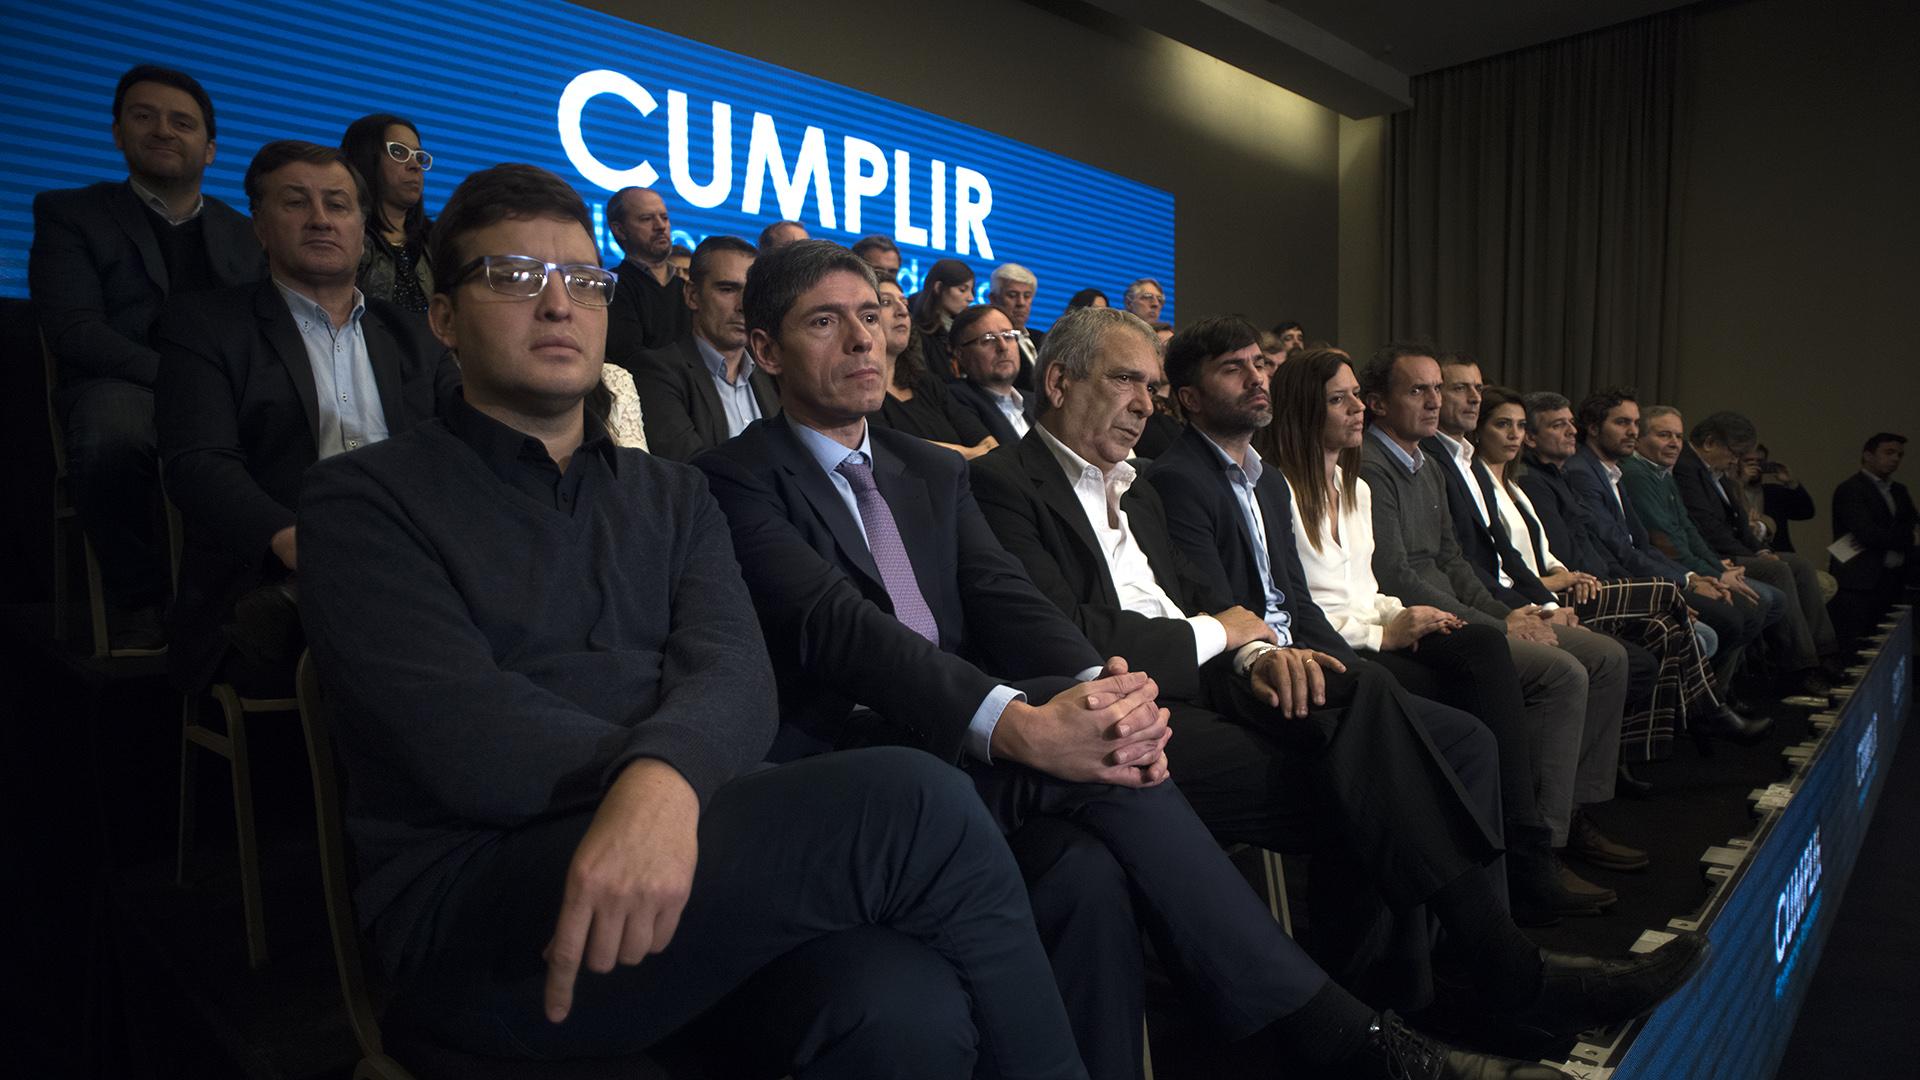 Los dirigentes que forman parte del espacio acompañaron al ex ministro (Adrián Escandar)